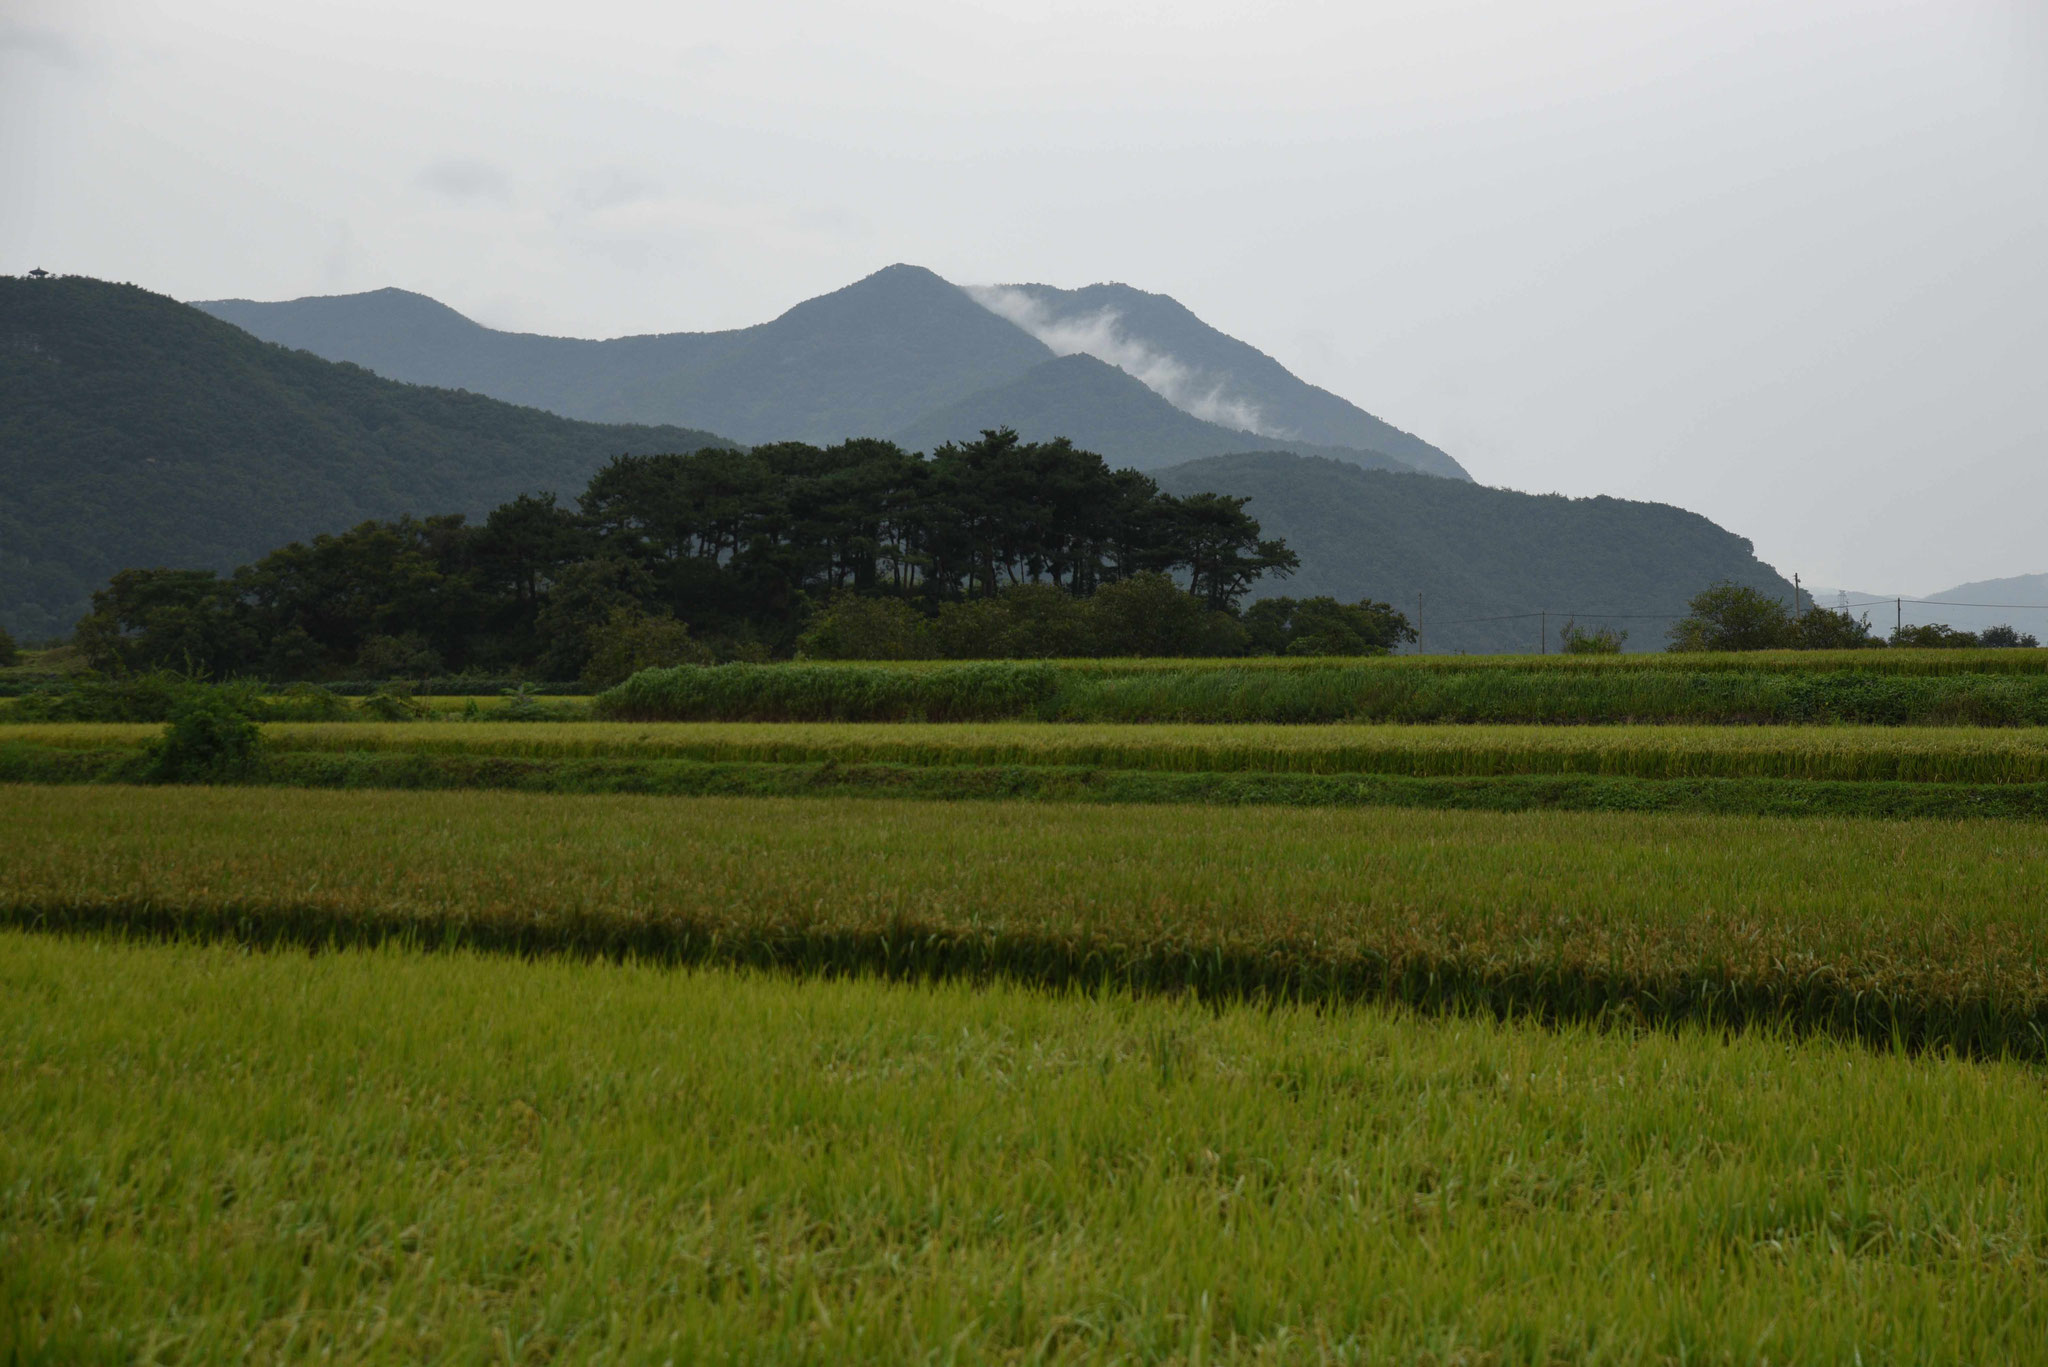 Wunderschöne Reisfelder - im Hintergrund als Konstrast die Berge des Jirisan